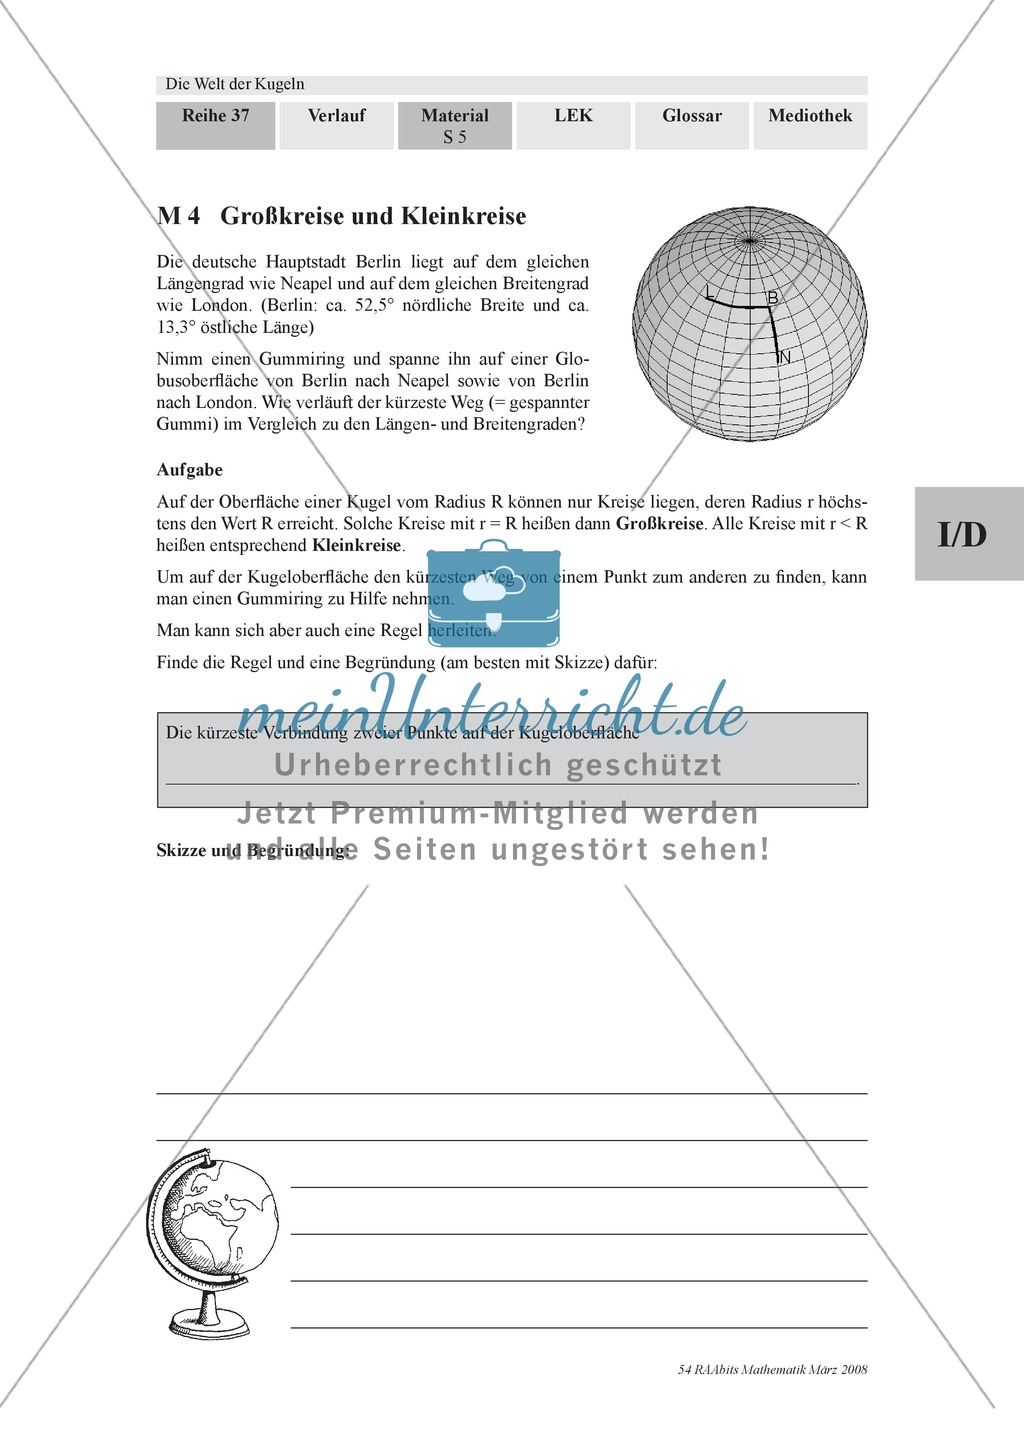 Schön Oberfläche Einer Kugel Arbeitsblatt Bilder - Super Lehrer ...